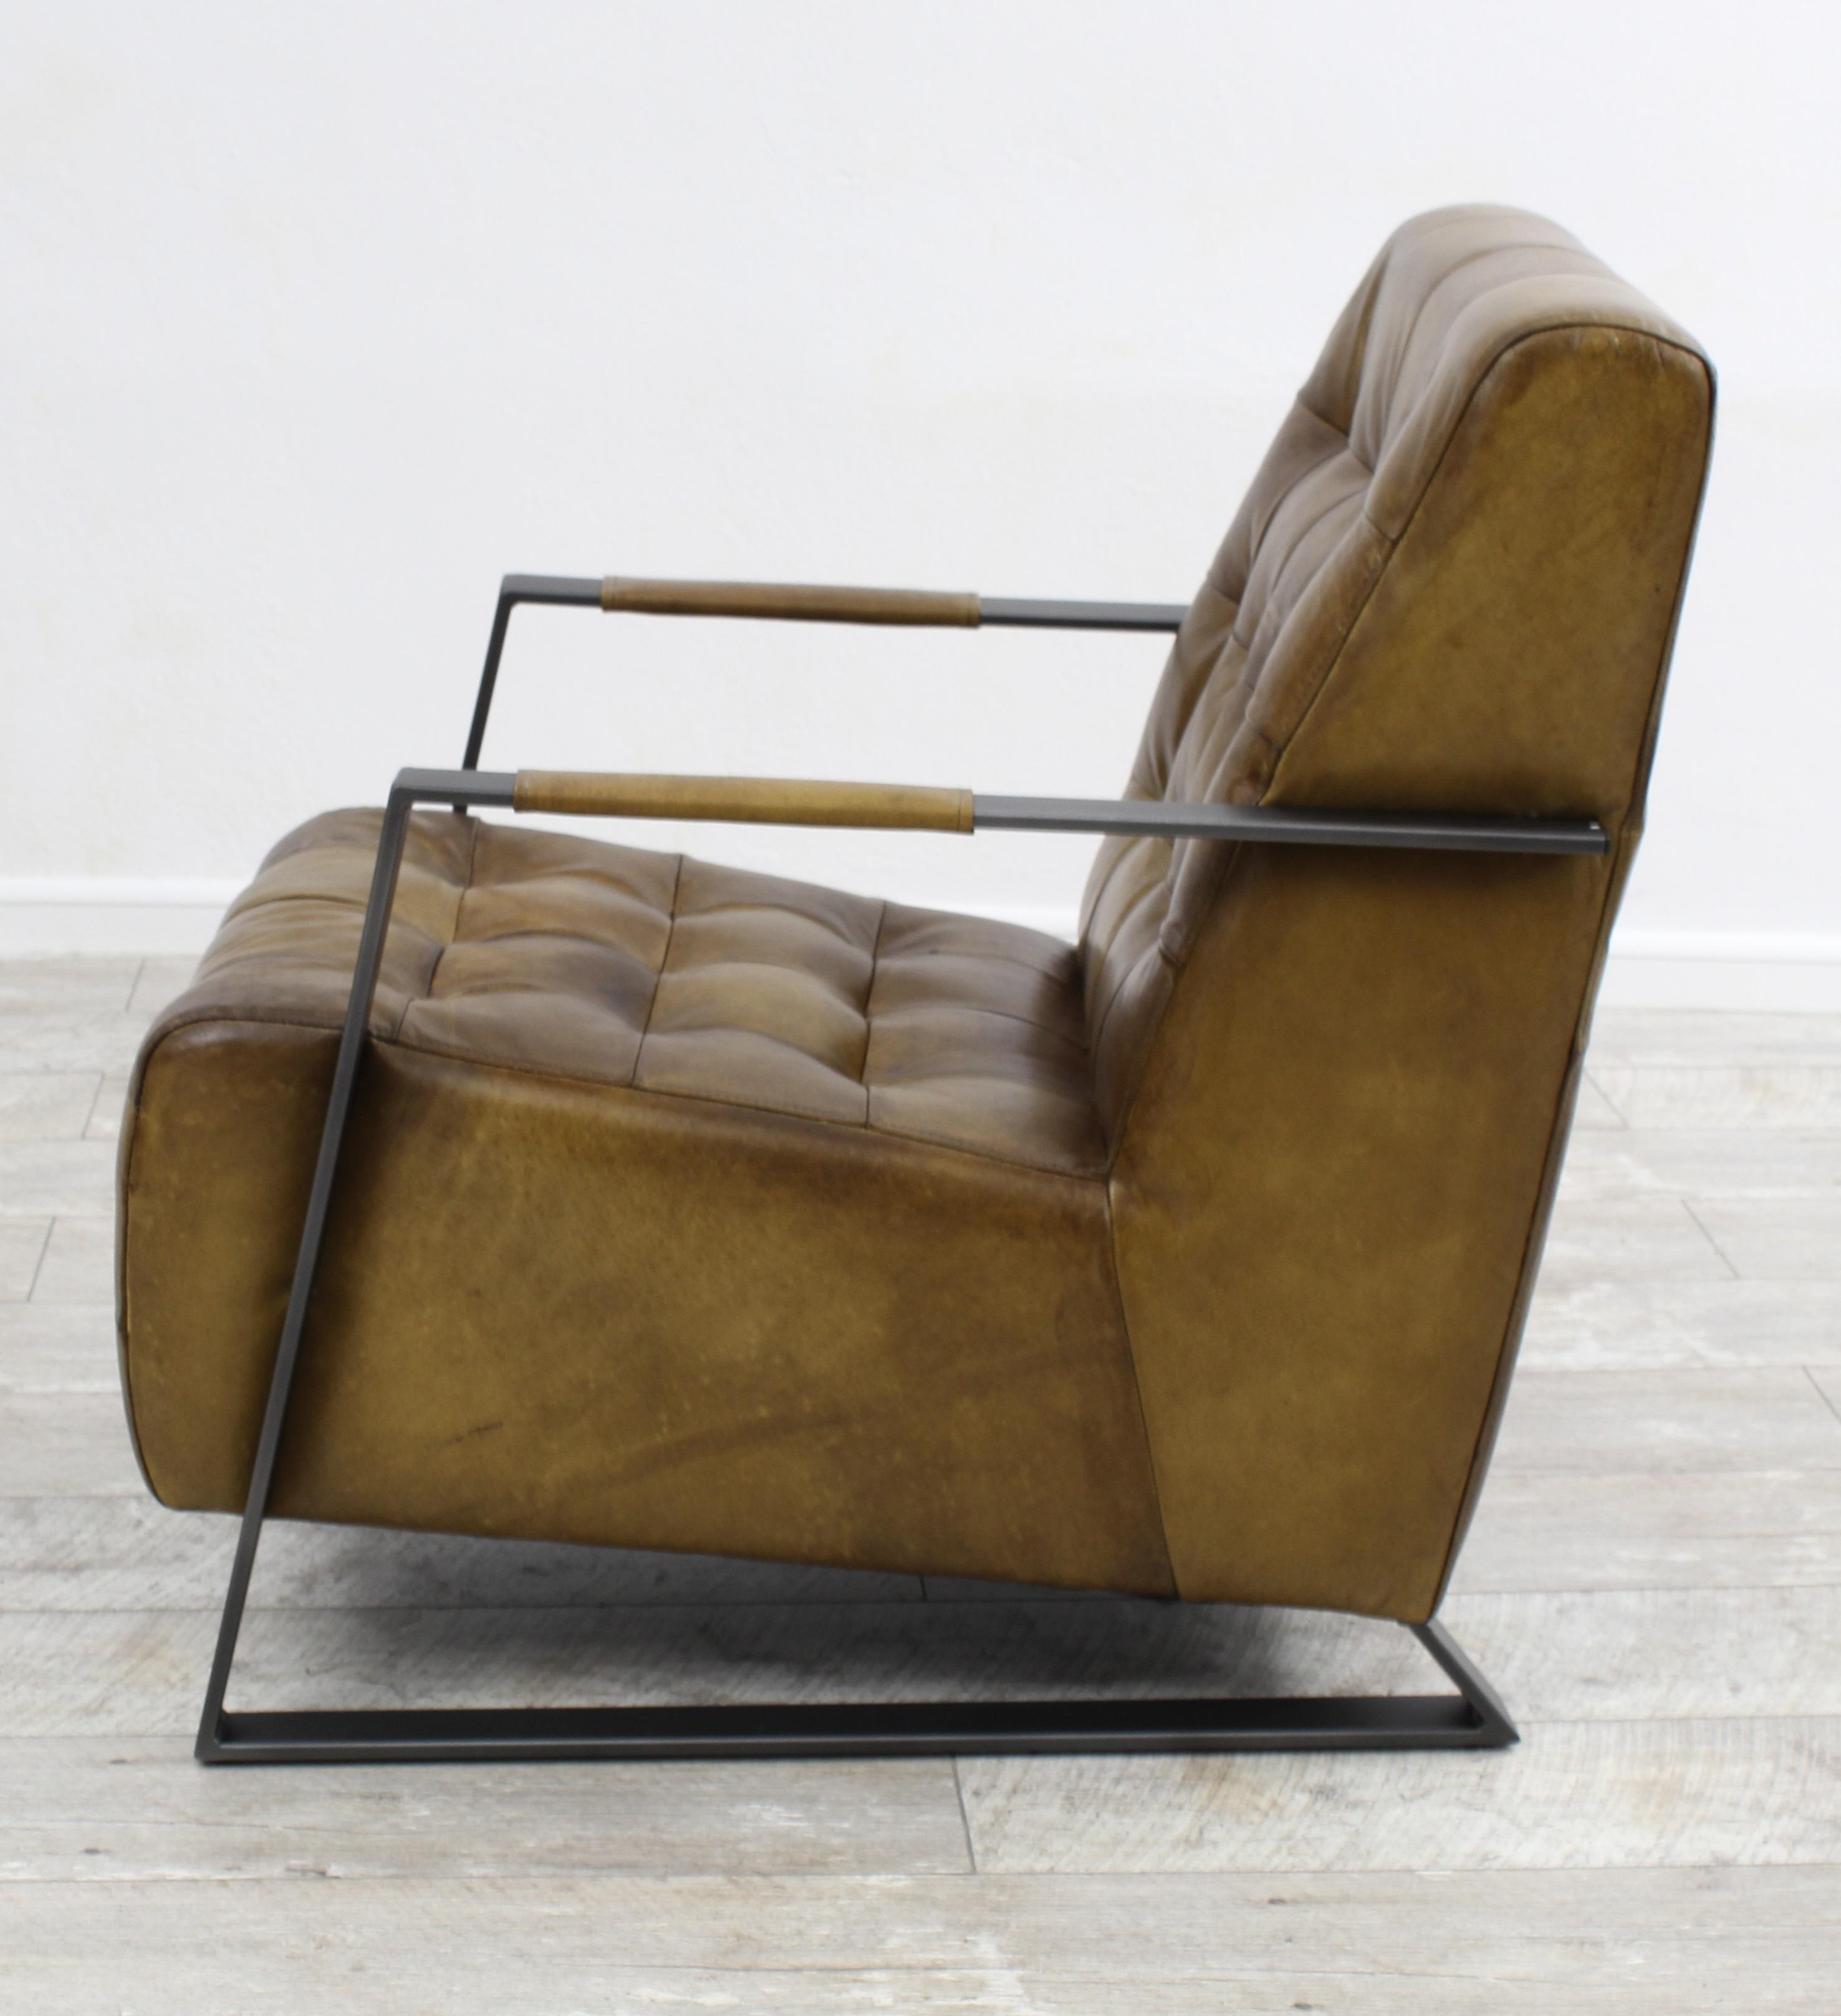 Aktiv Moebel De Sessel Stuhl Designer Hannover Echt Buffel Leder Vintage Farbe Olive Metall Fuss